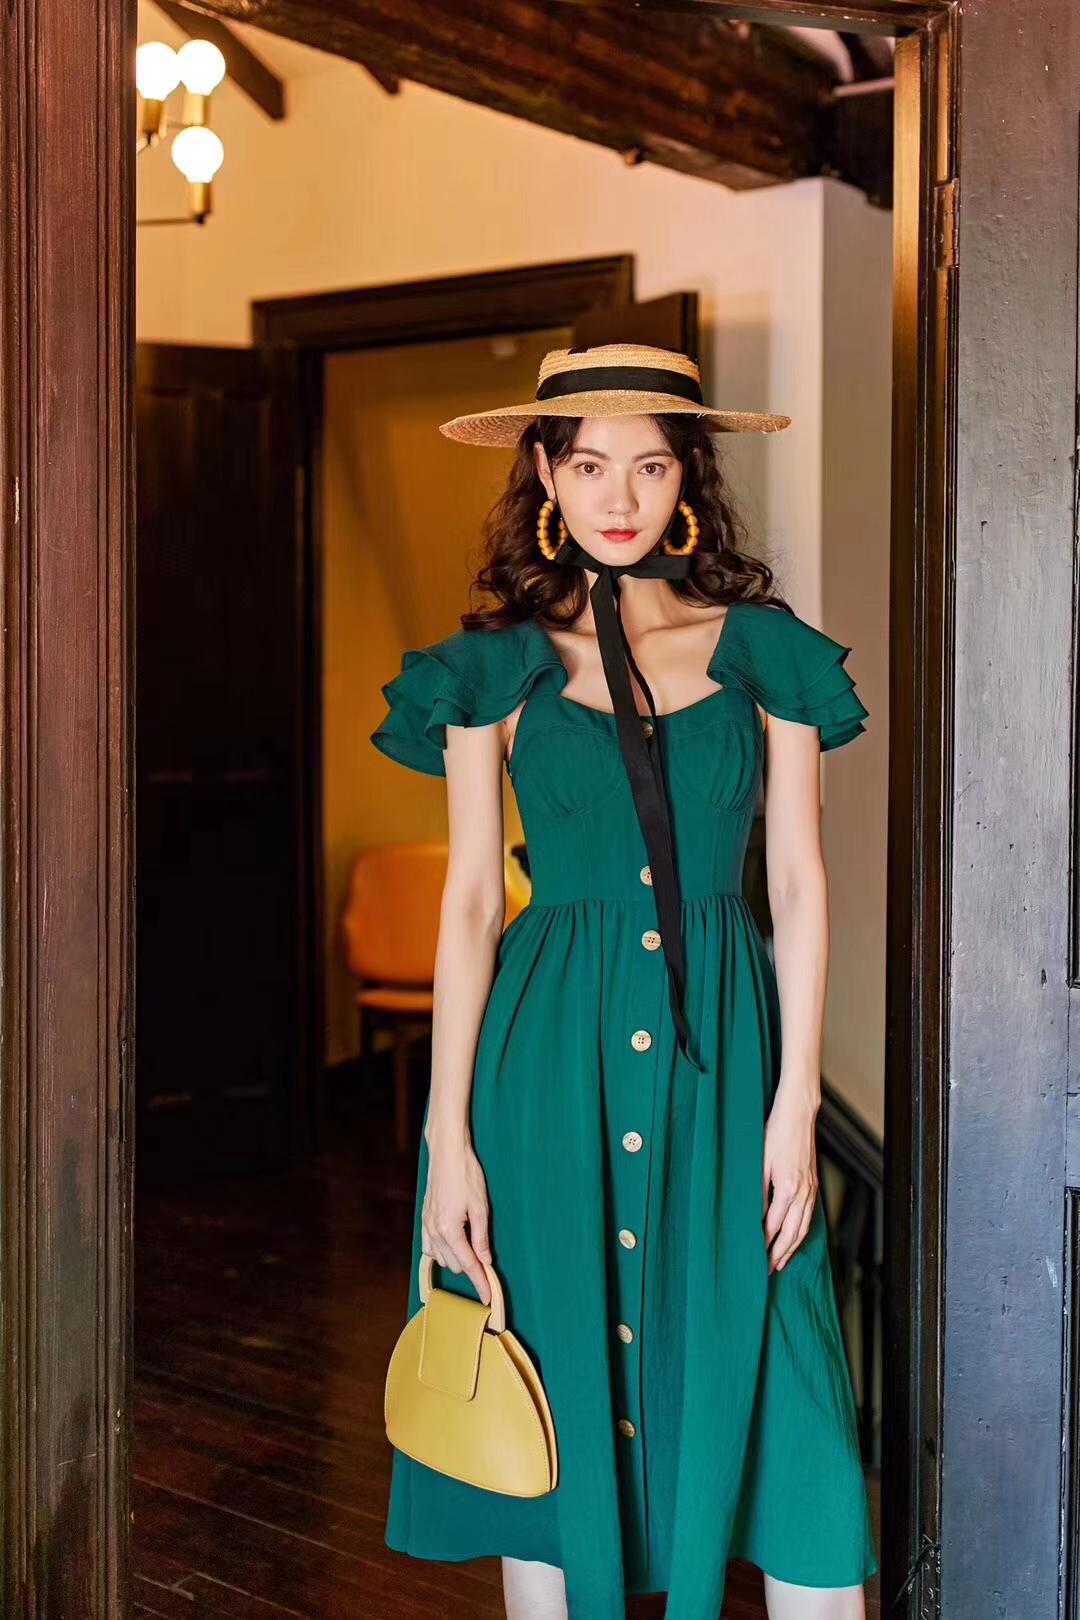 孔雀冠羽连衣裙。 孔雀一层一层的冠羽尤为吸引人,就像是这条连衣裙双肩处的点睛设计。不似往常的平薄风,双肩是面料的层层相叠,质感饱满,搭配浓烈的绿色,像极了美丽的孔雀。藏匿于双肩之下的是吊带款式的裙身,包裹双胸更加性感。白色纽扣的点缀,调合了整体偏厚重的色系。强垂坠的裙身,走动间气场全开。